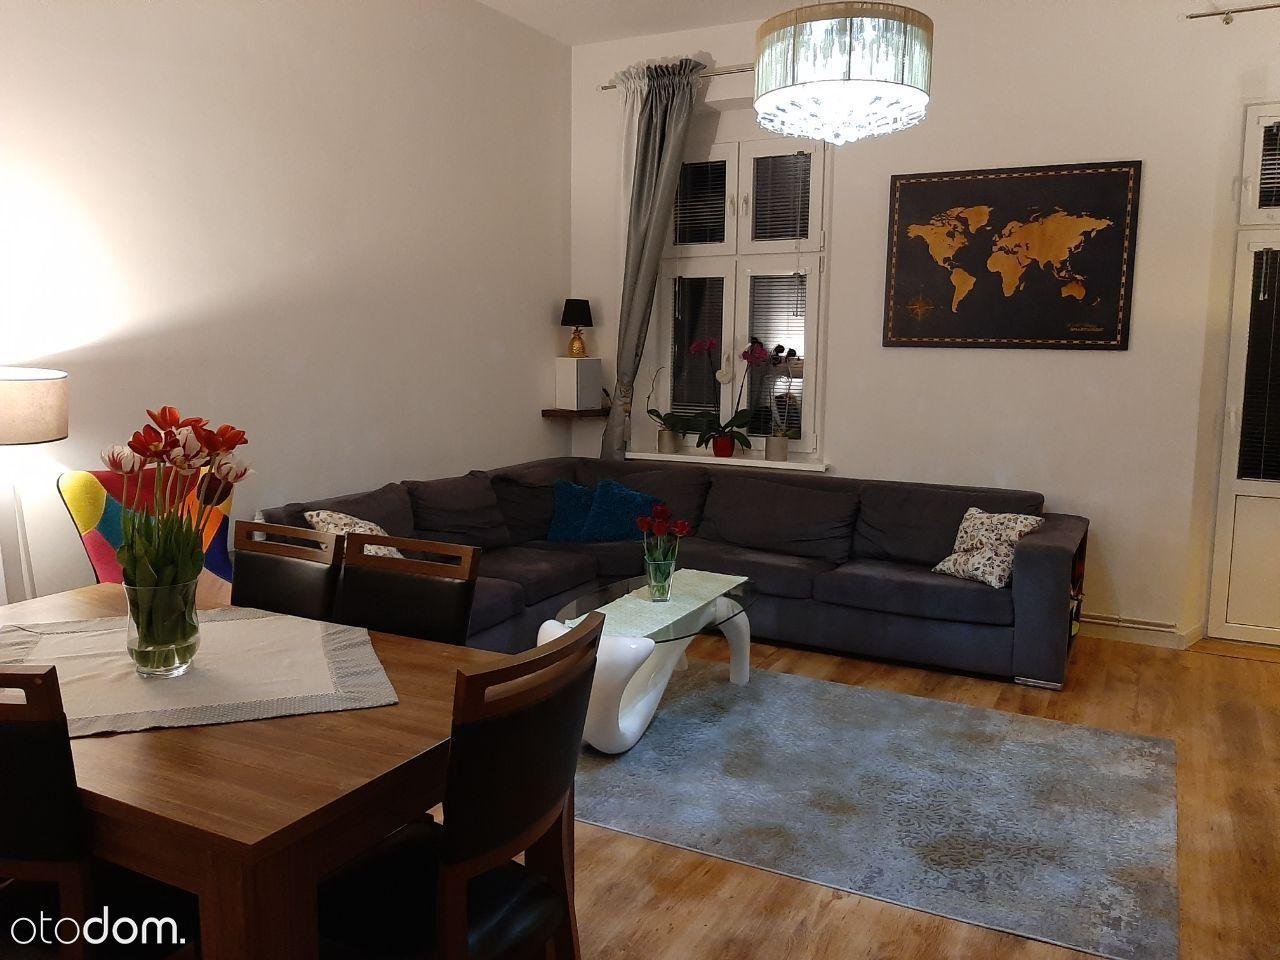 Sprzedam mieszkanie 105m2 w centrum miasta